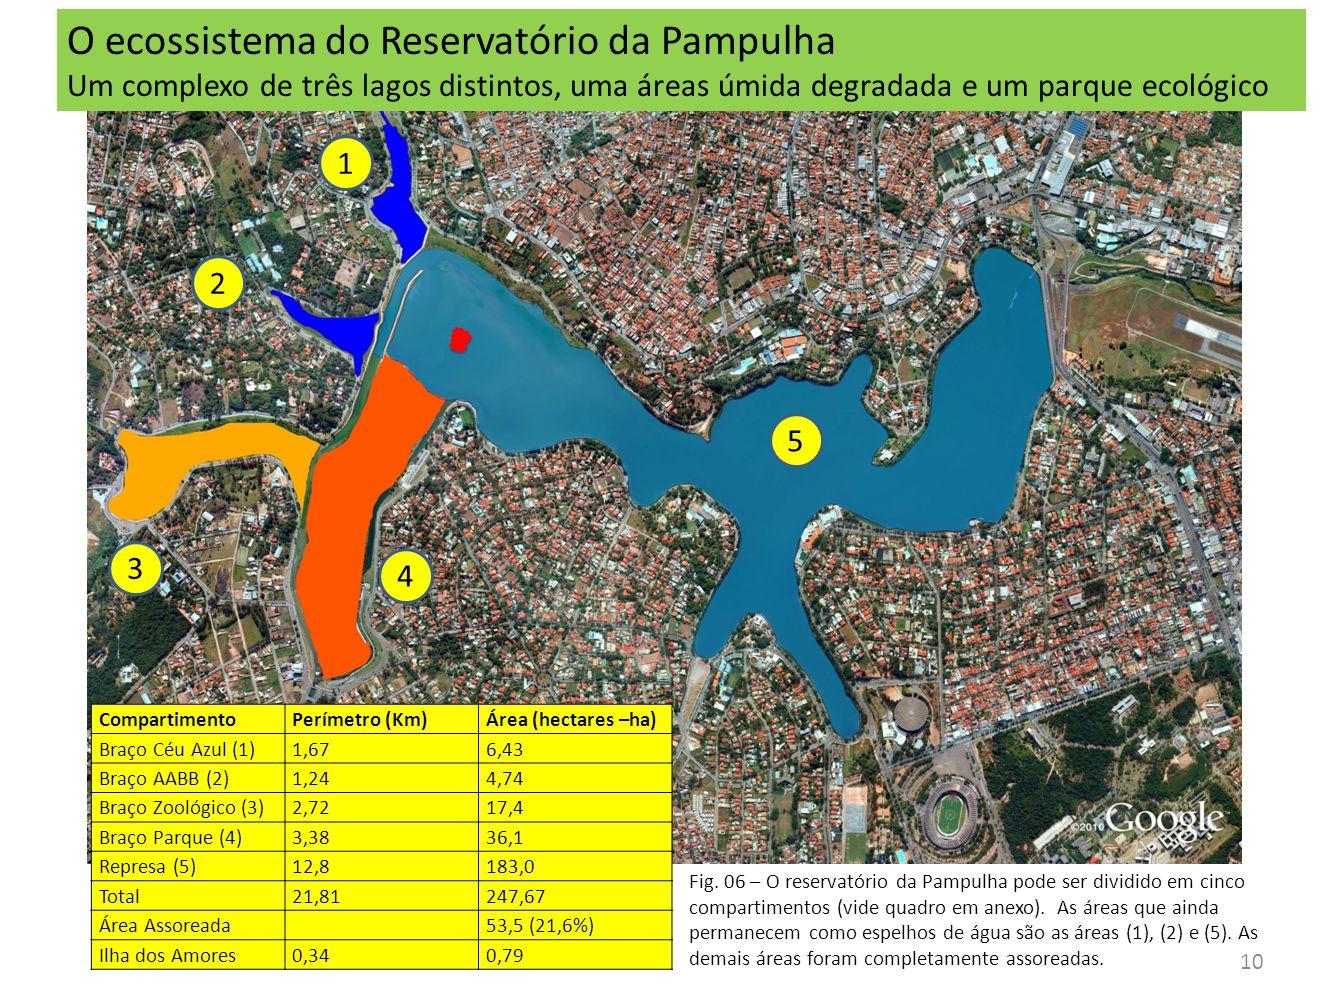 O ecossistema do Reservatório da Pampulha